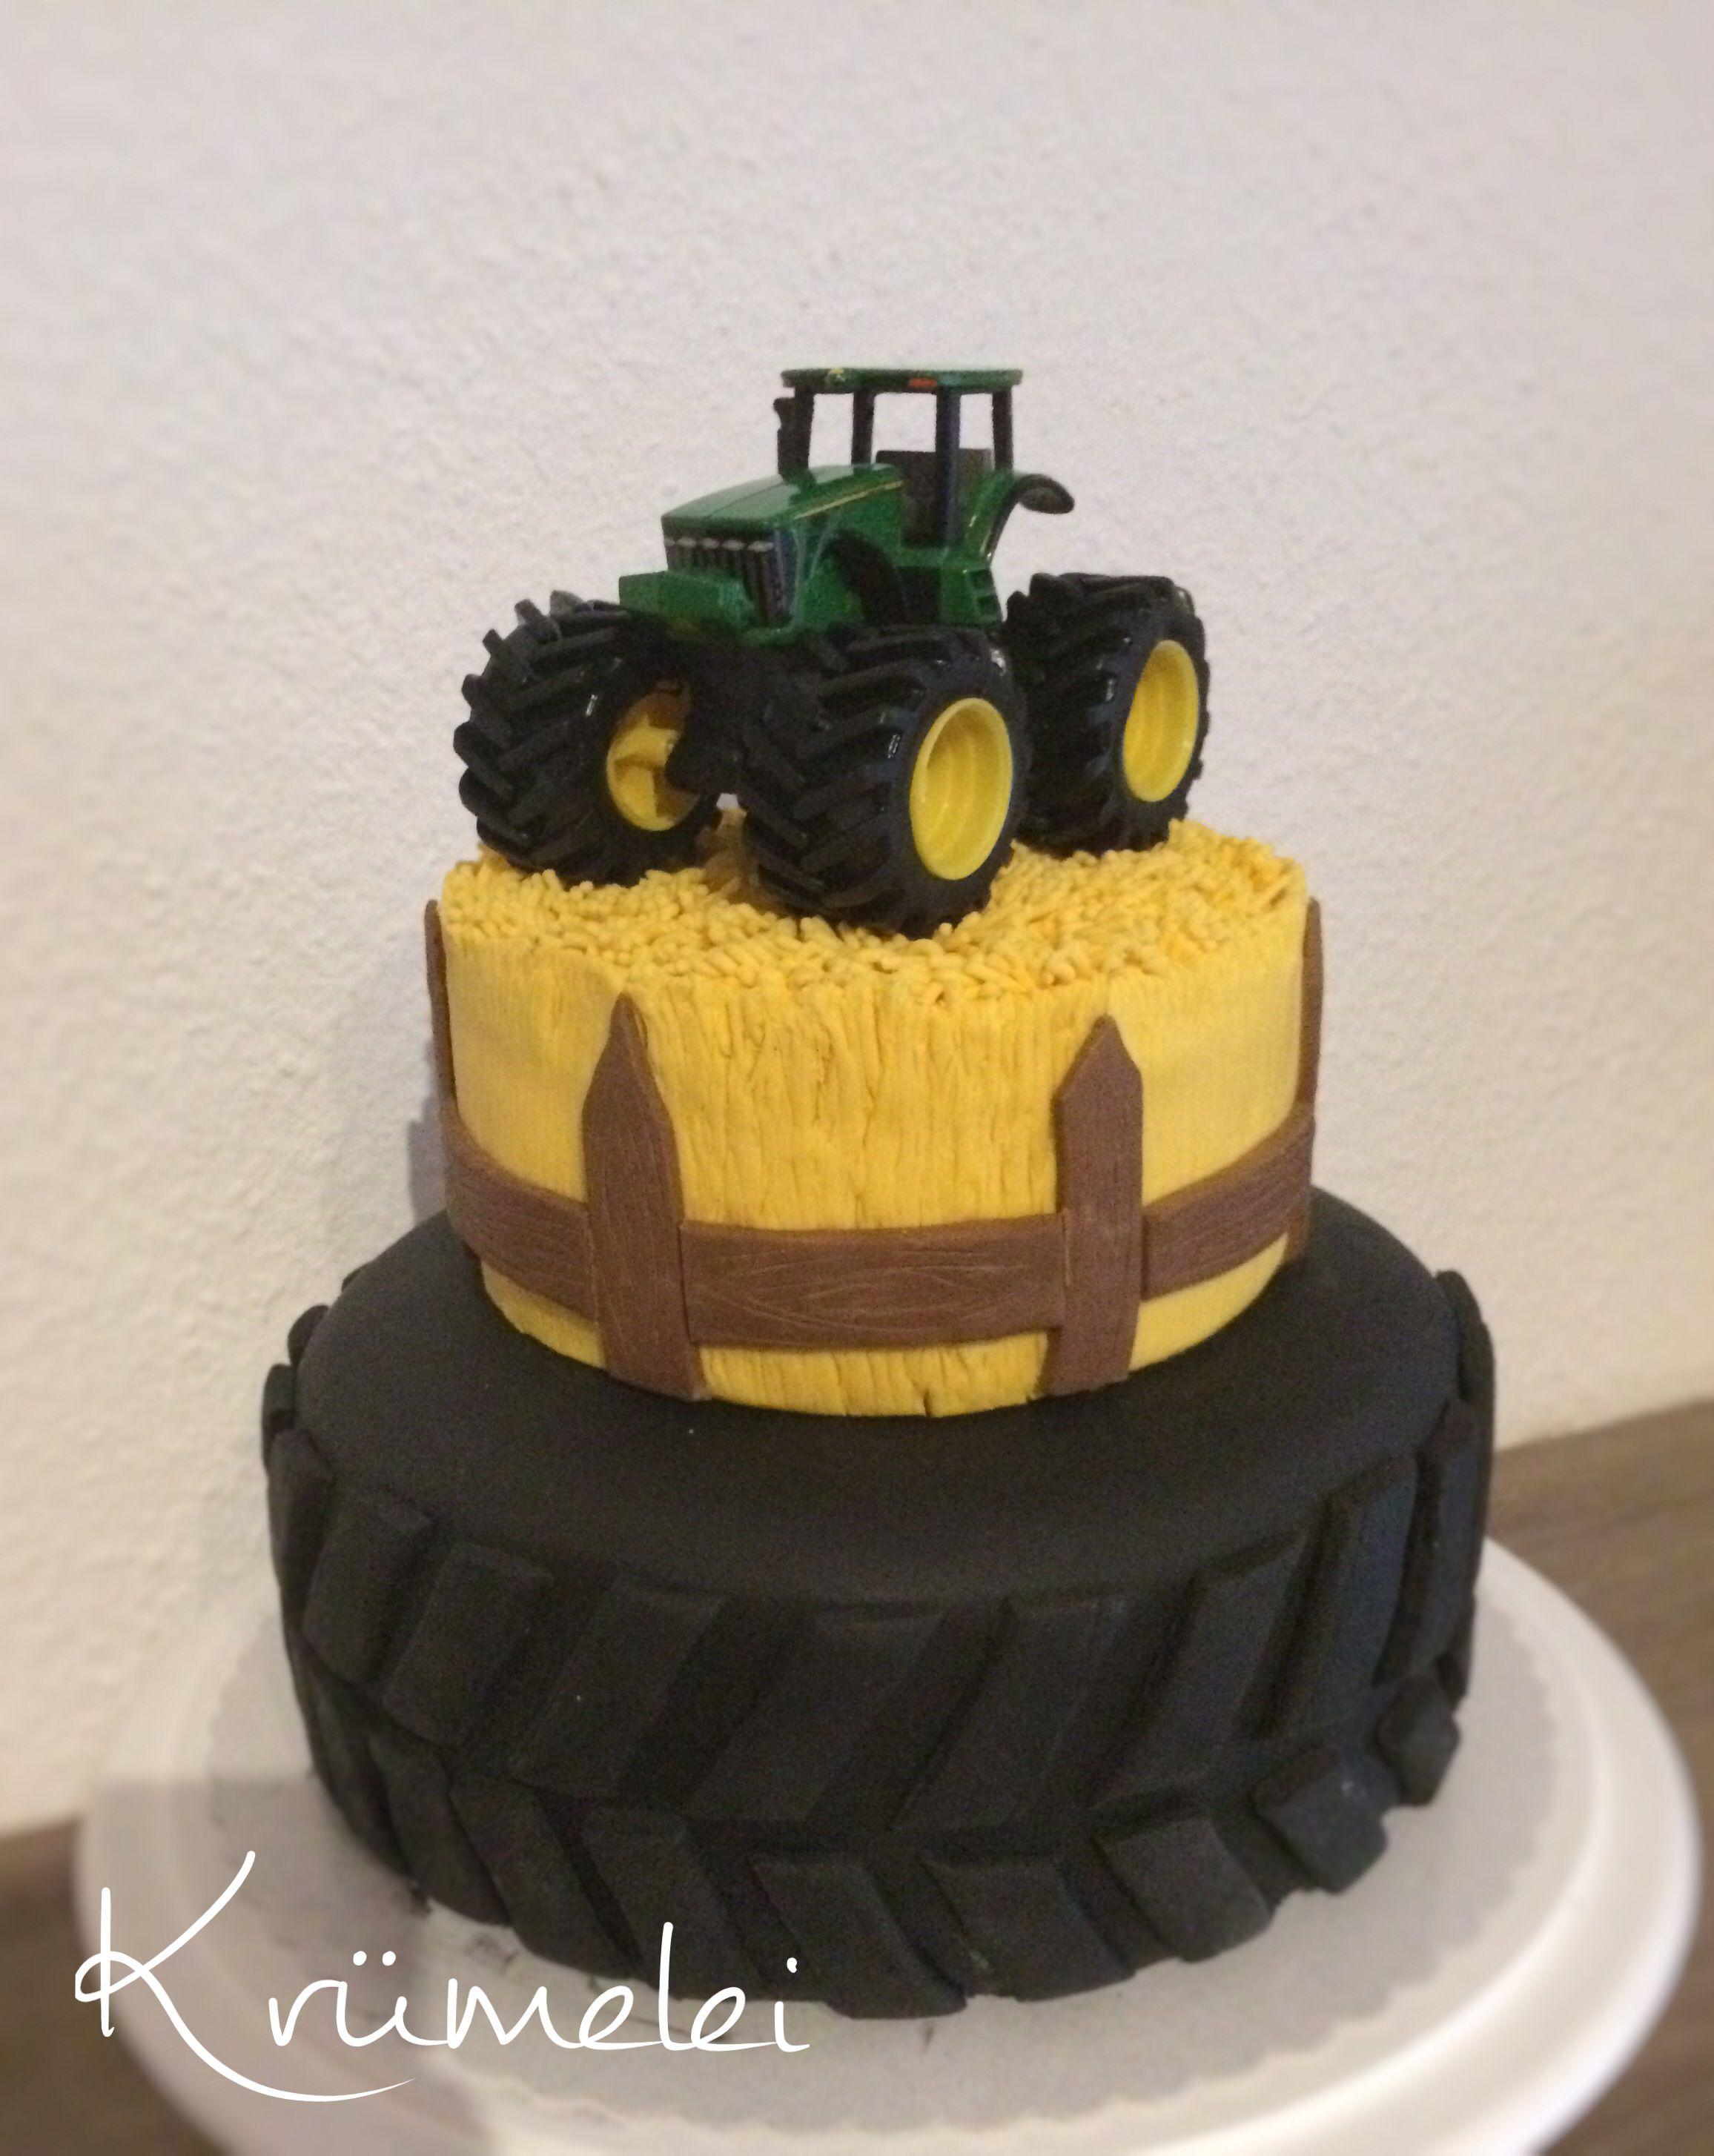 Traktor Torte Zur Kommunion Kuchen Ideen Motivtorten Traktor Torte